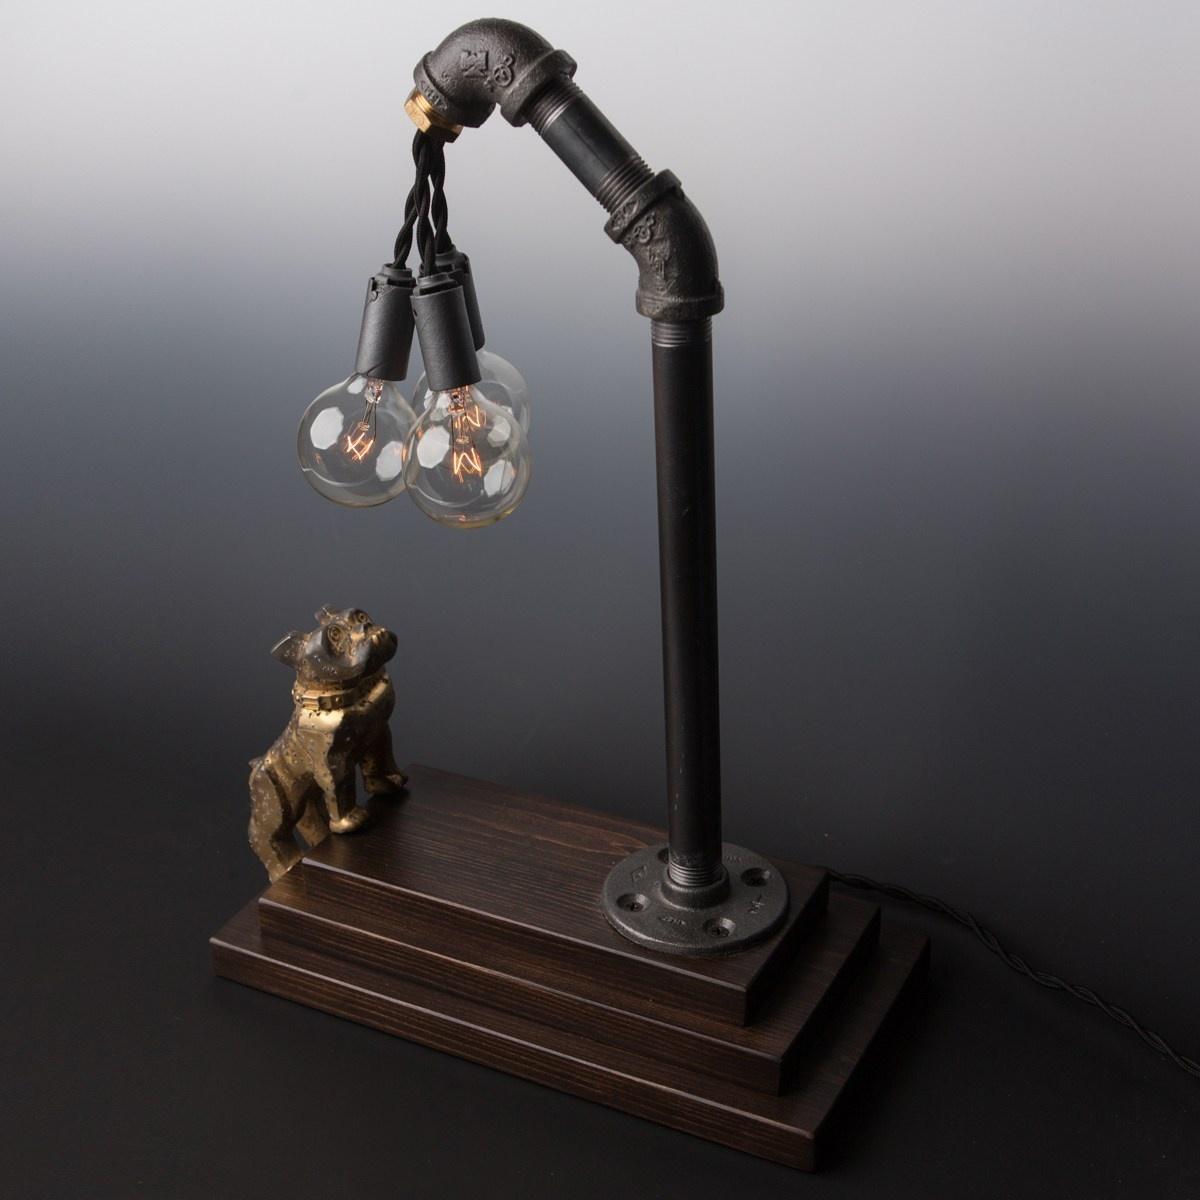 Luke Hobbs Mack Truck Bulldog Lamp in Brass